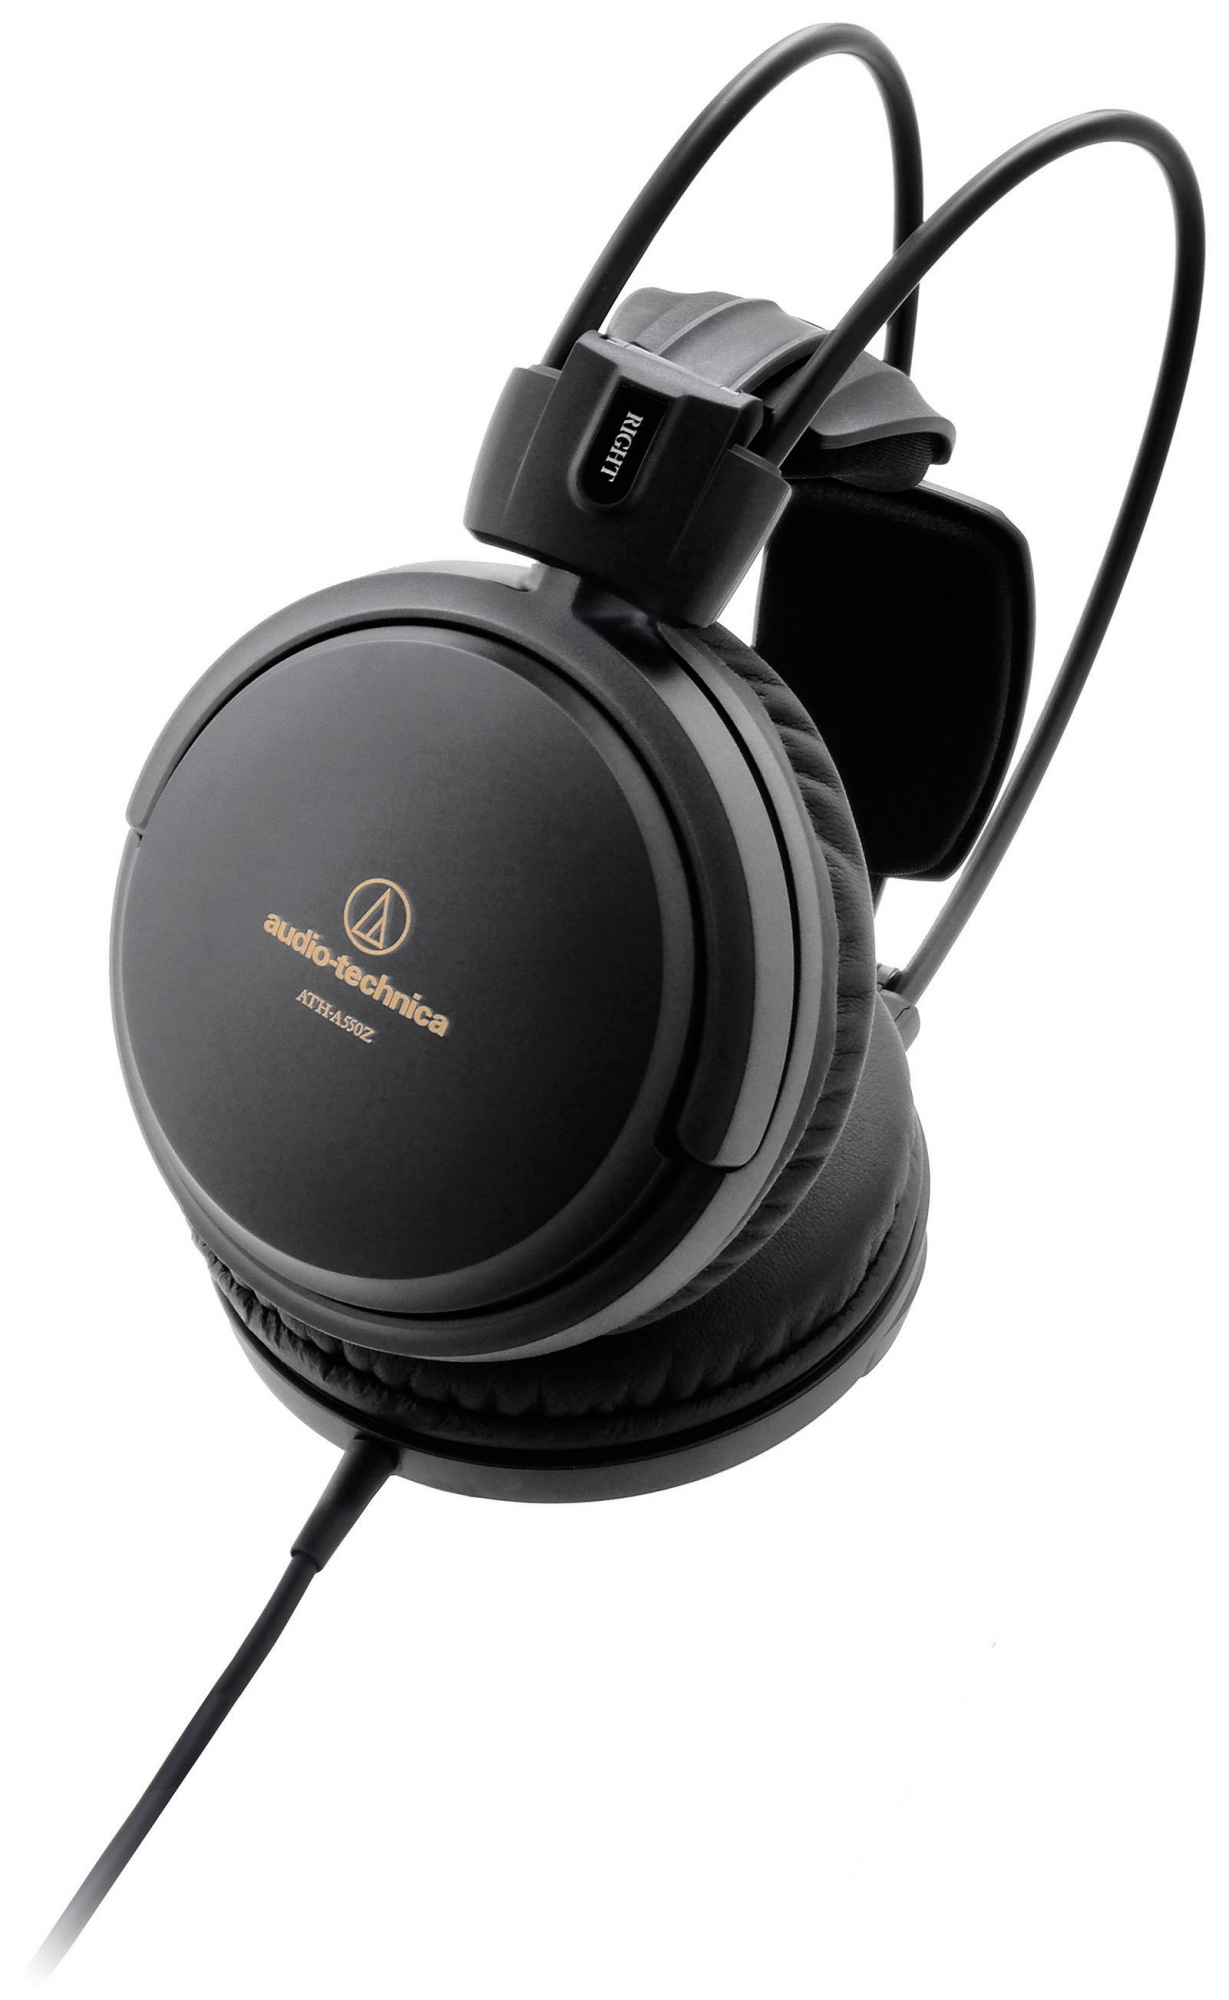 Audio-Technica ATH-A550Z - полноразмерные наушники (Matte black) audio technica ath a550z полноразмерные наушники matte black